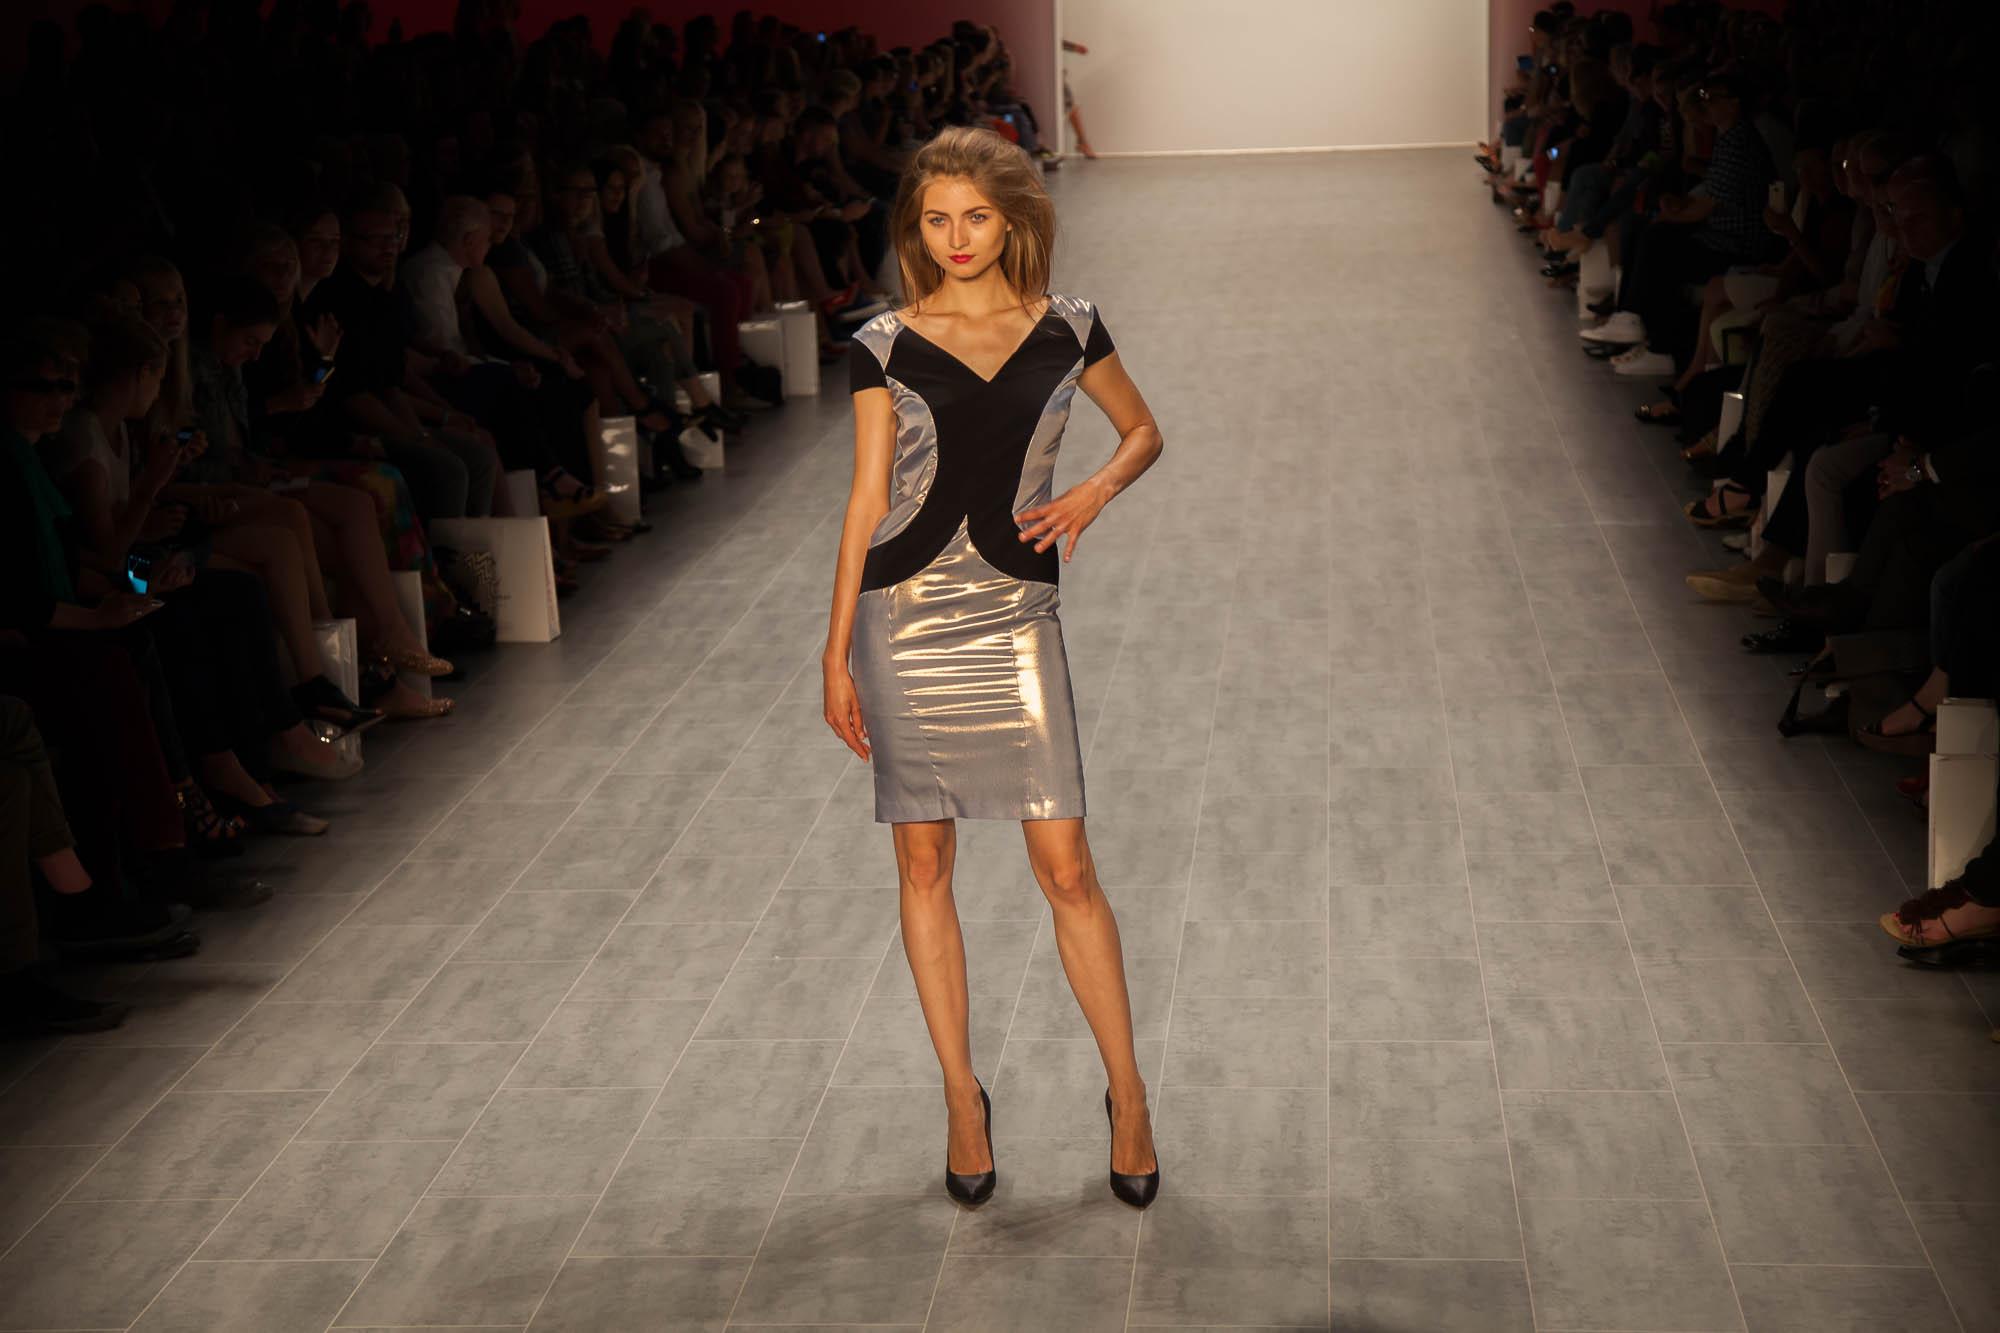 20140709-Fashionweek-anjagockel-01